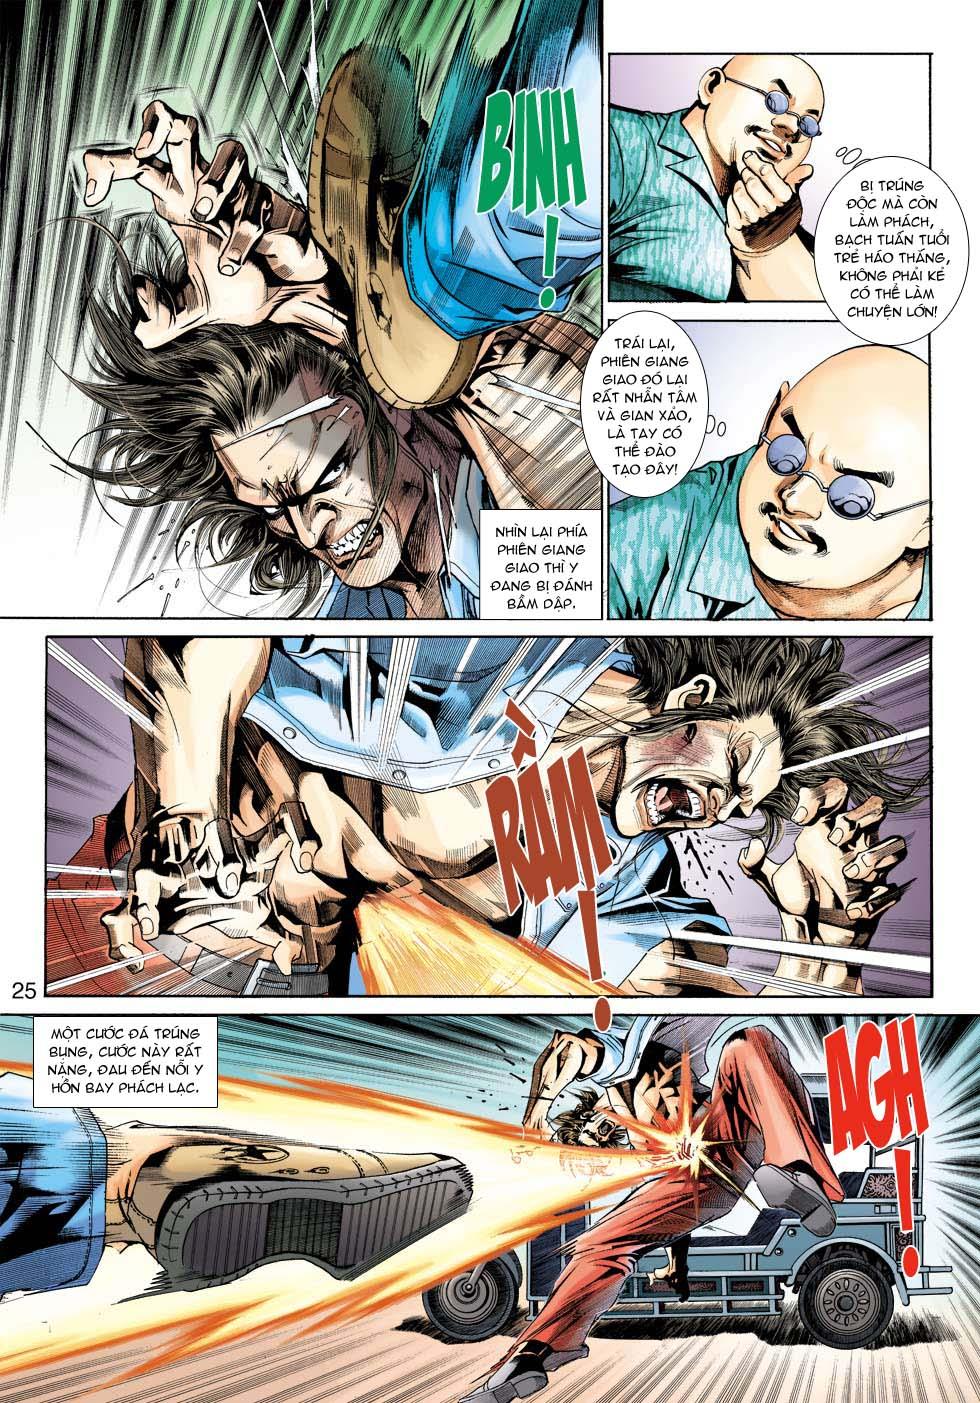 Tân Tác Long Hổ Môn chap 343 - Trang 25